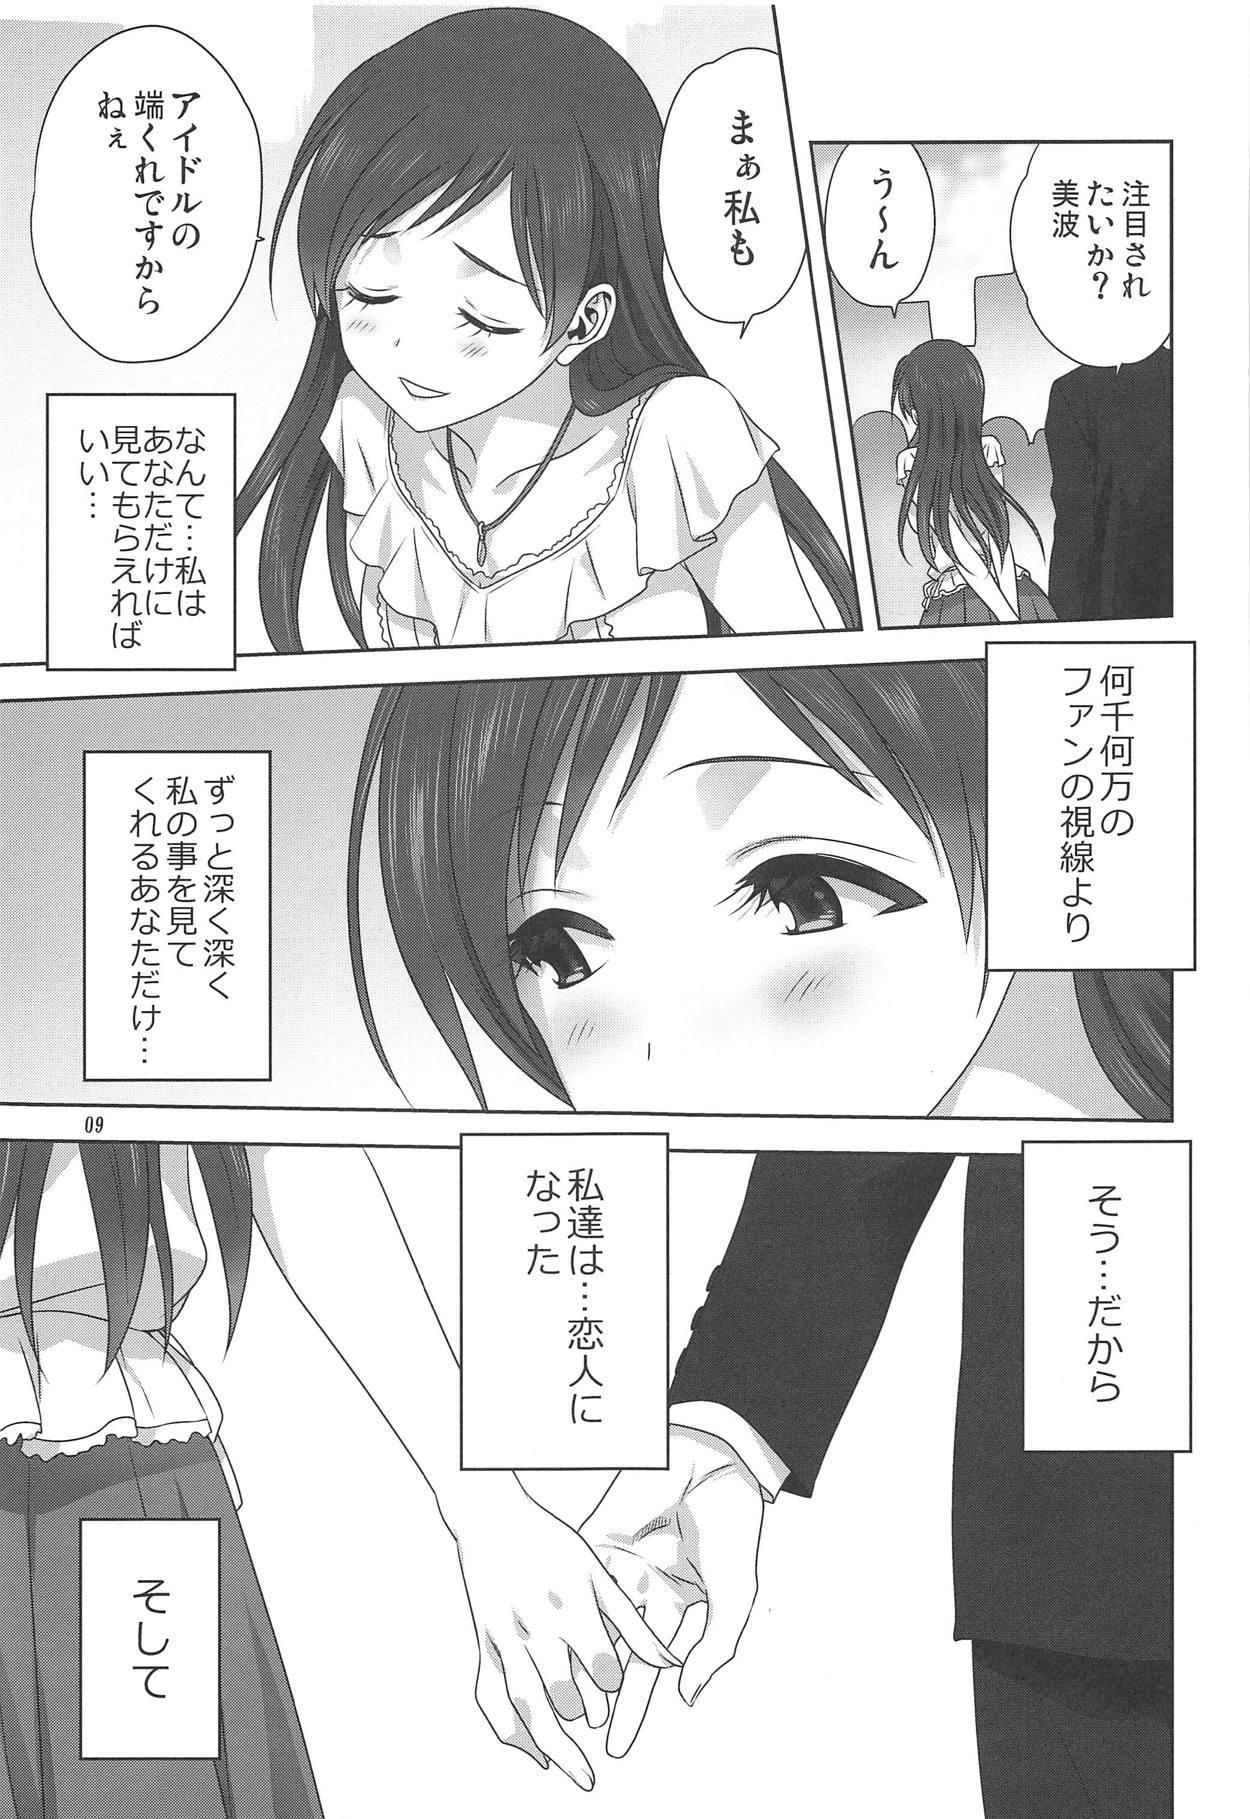 Minami to P no Oshigoto 7